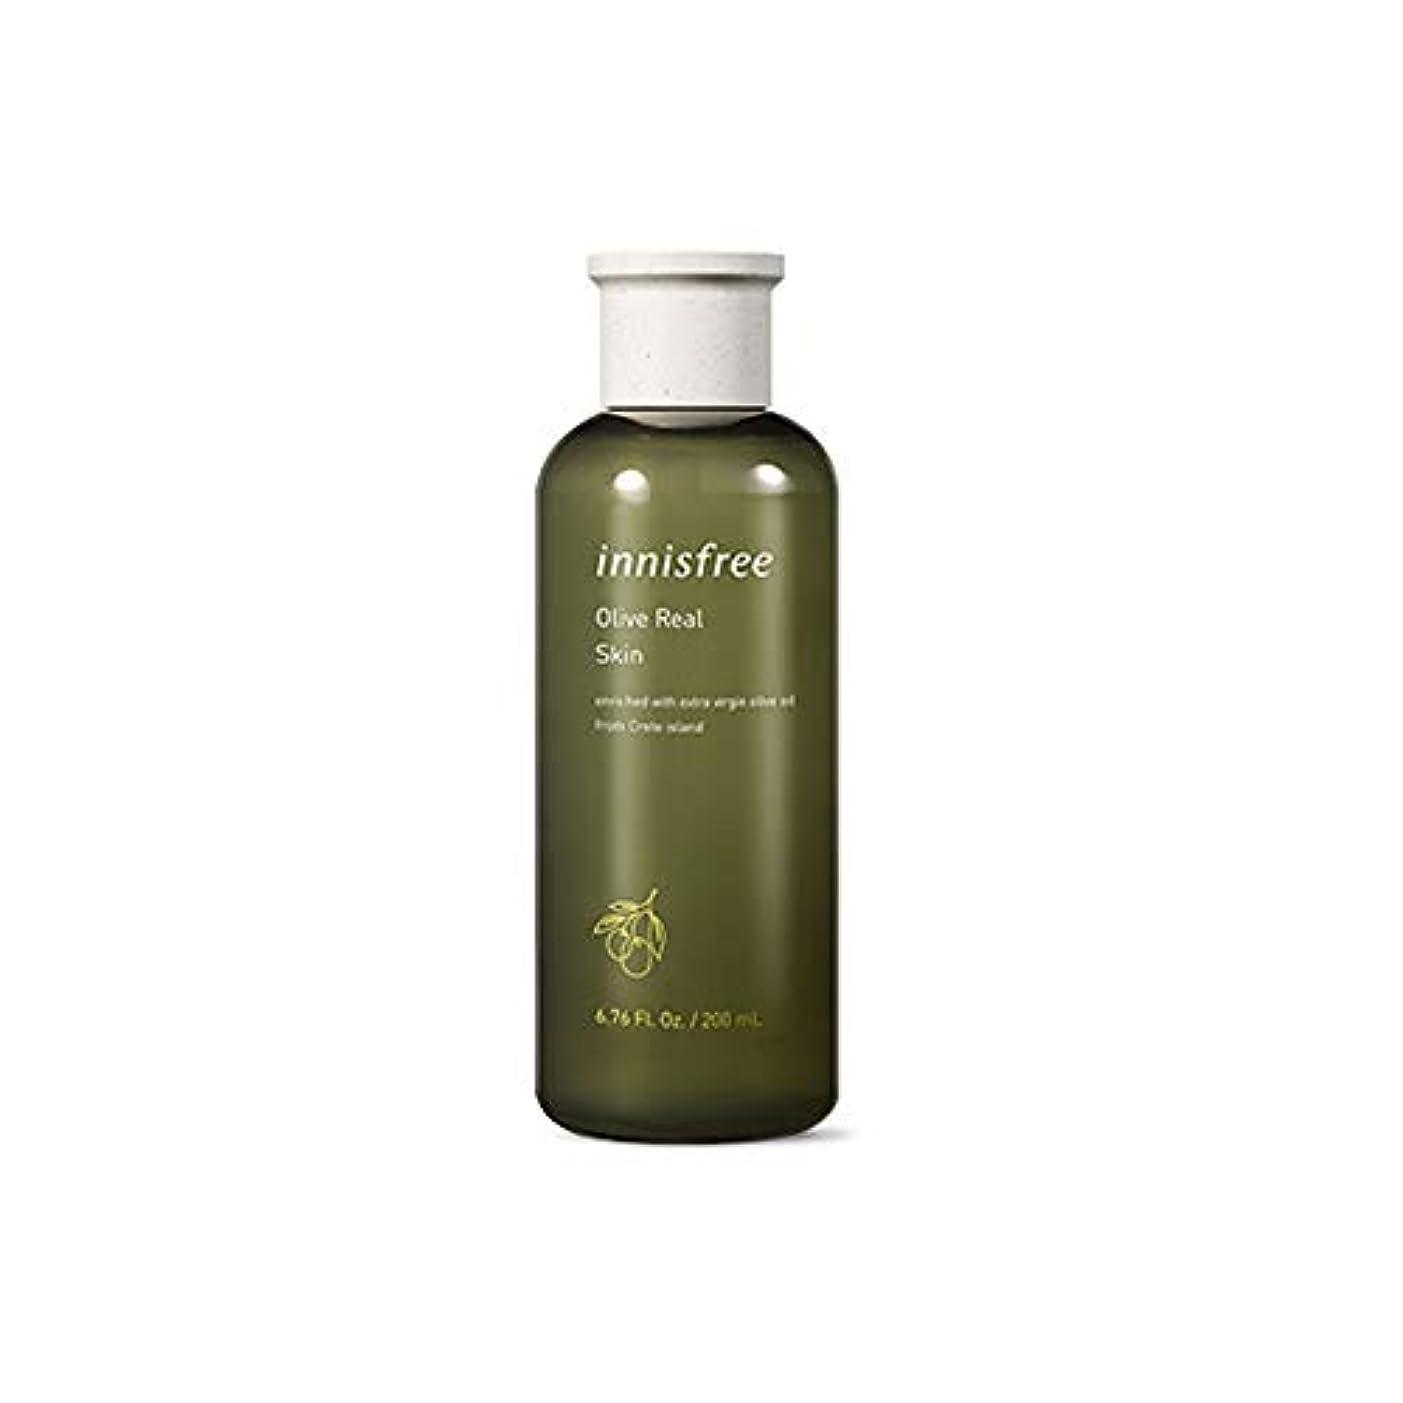 バーター生態学問い合わせるNEW[イニスフリー] Innisfree オリーブ リアル スキンEX (200ml) Innisfree Olive Real Skin EX(200ml) [海外直送品]